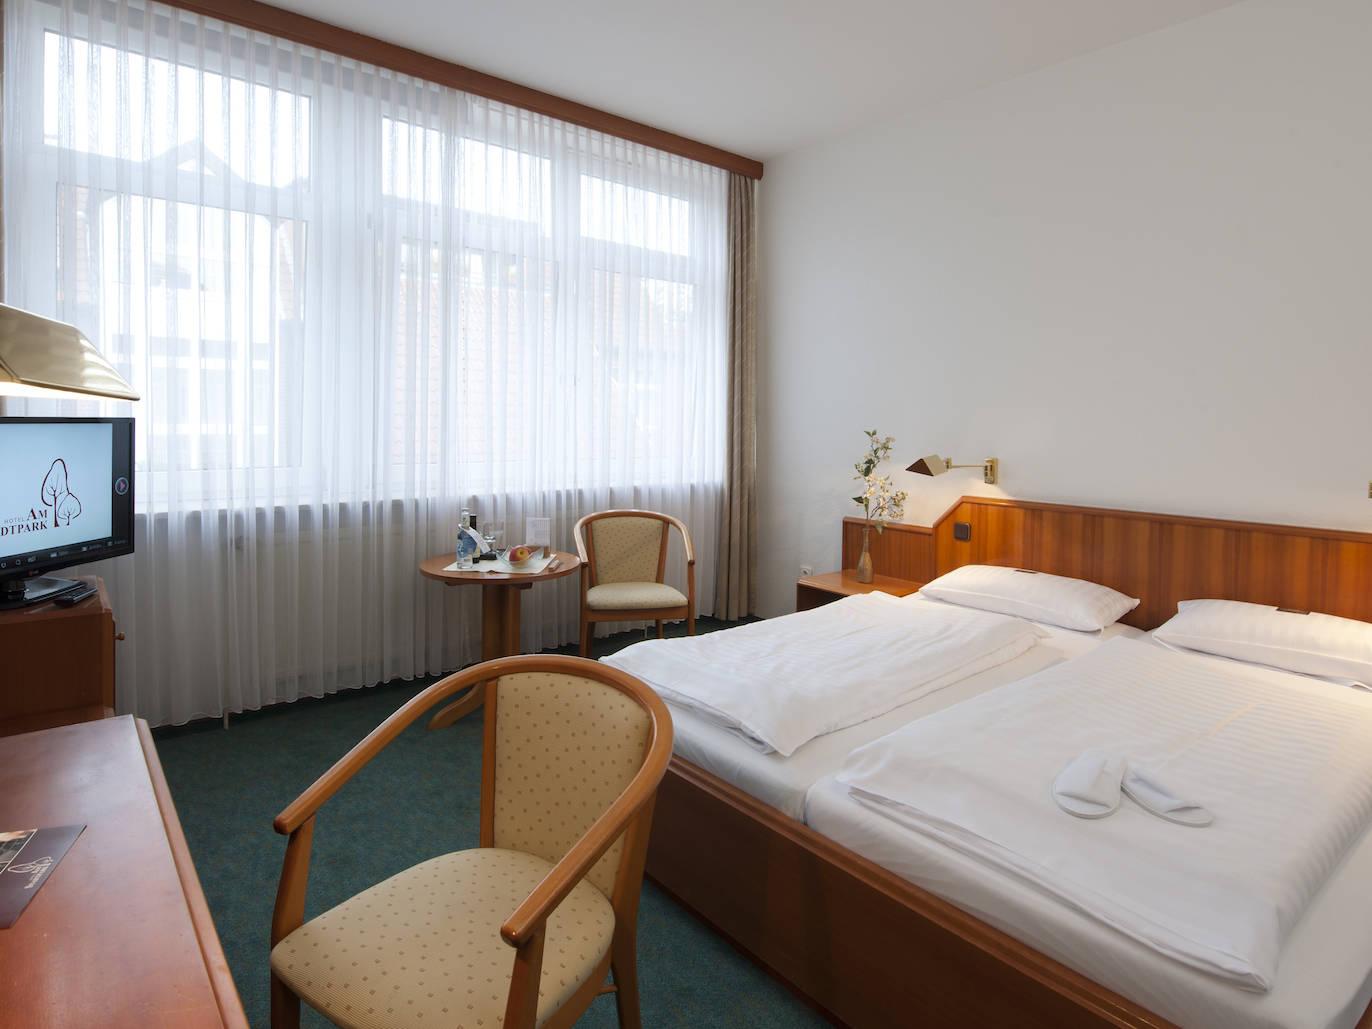 Zimmer Hotel am Stadtpark Buxtehude 7 uai